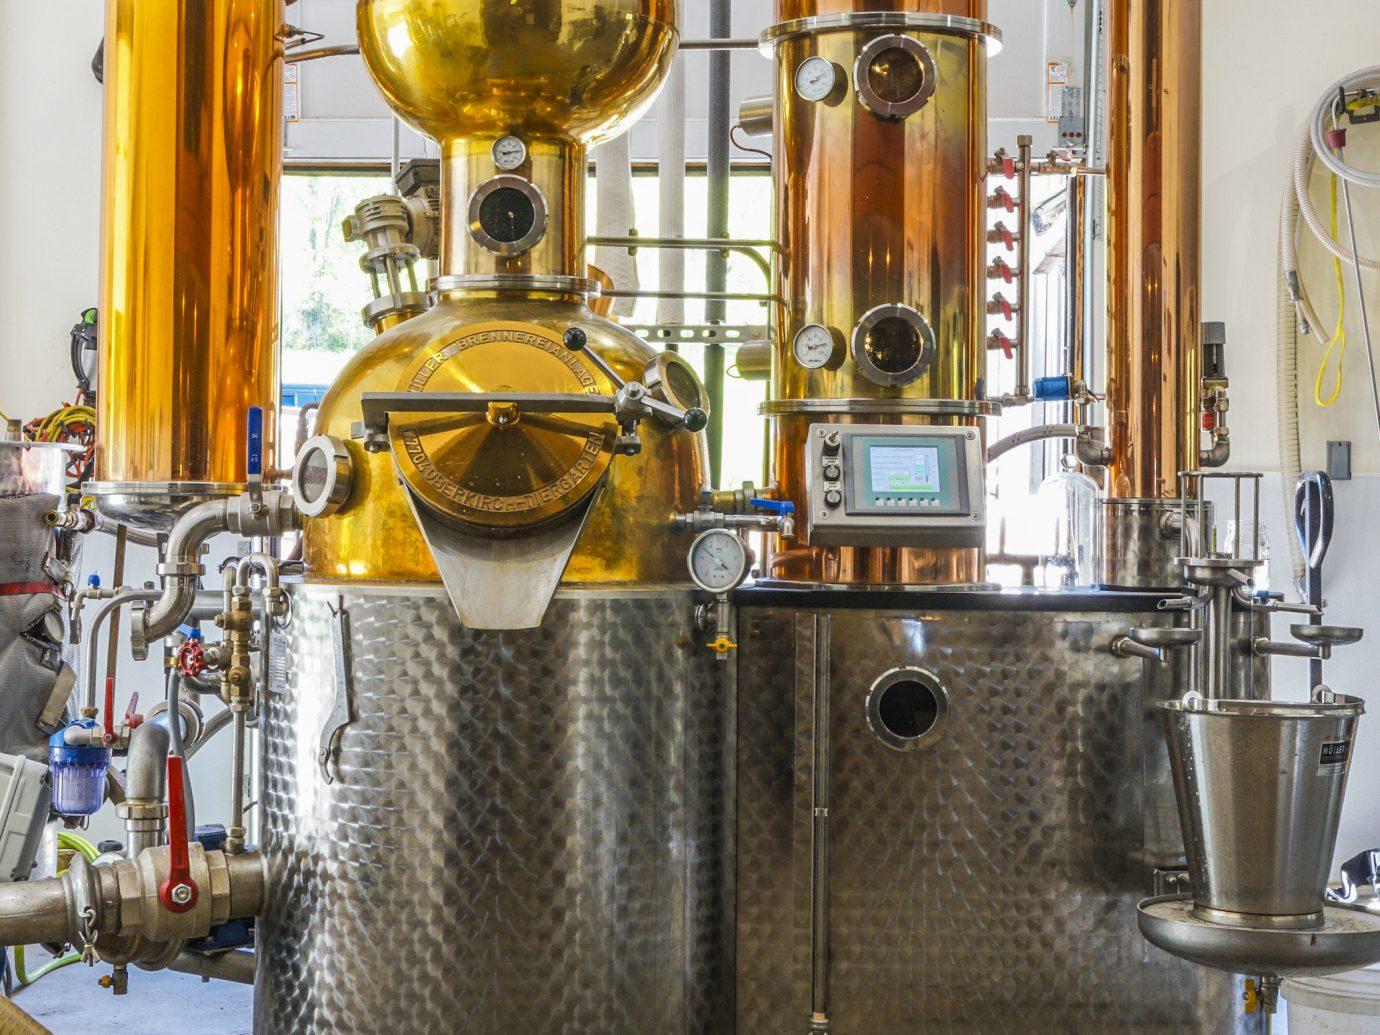 Jetsetter Guides indoor brewery drums steam engine drum machine